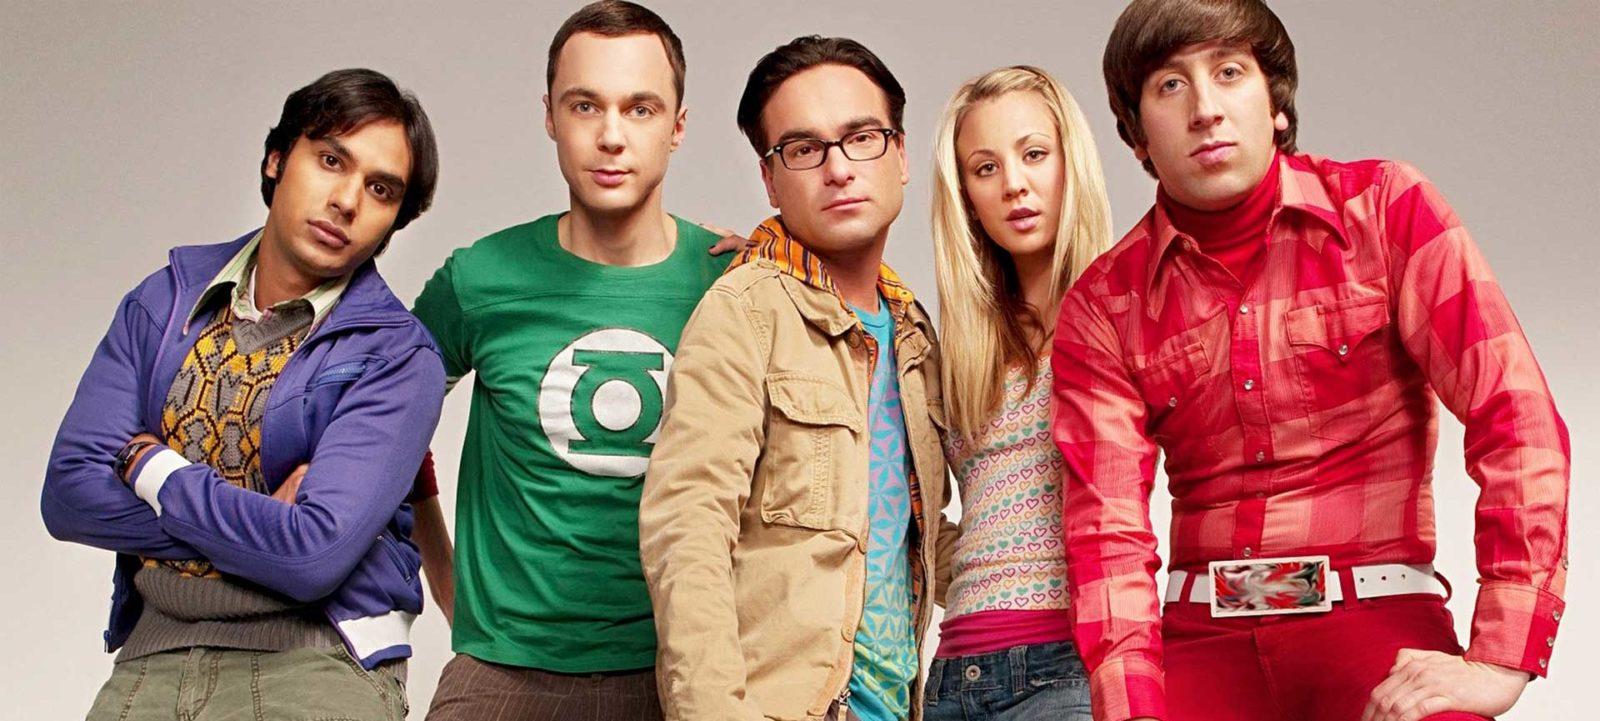 The Big Bang Theory (Photo: CBS)